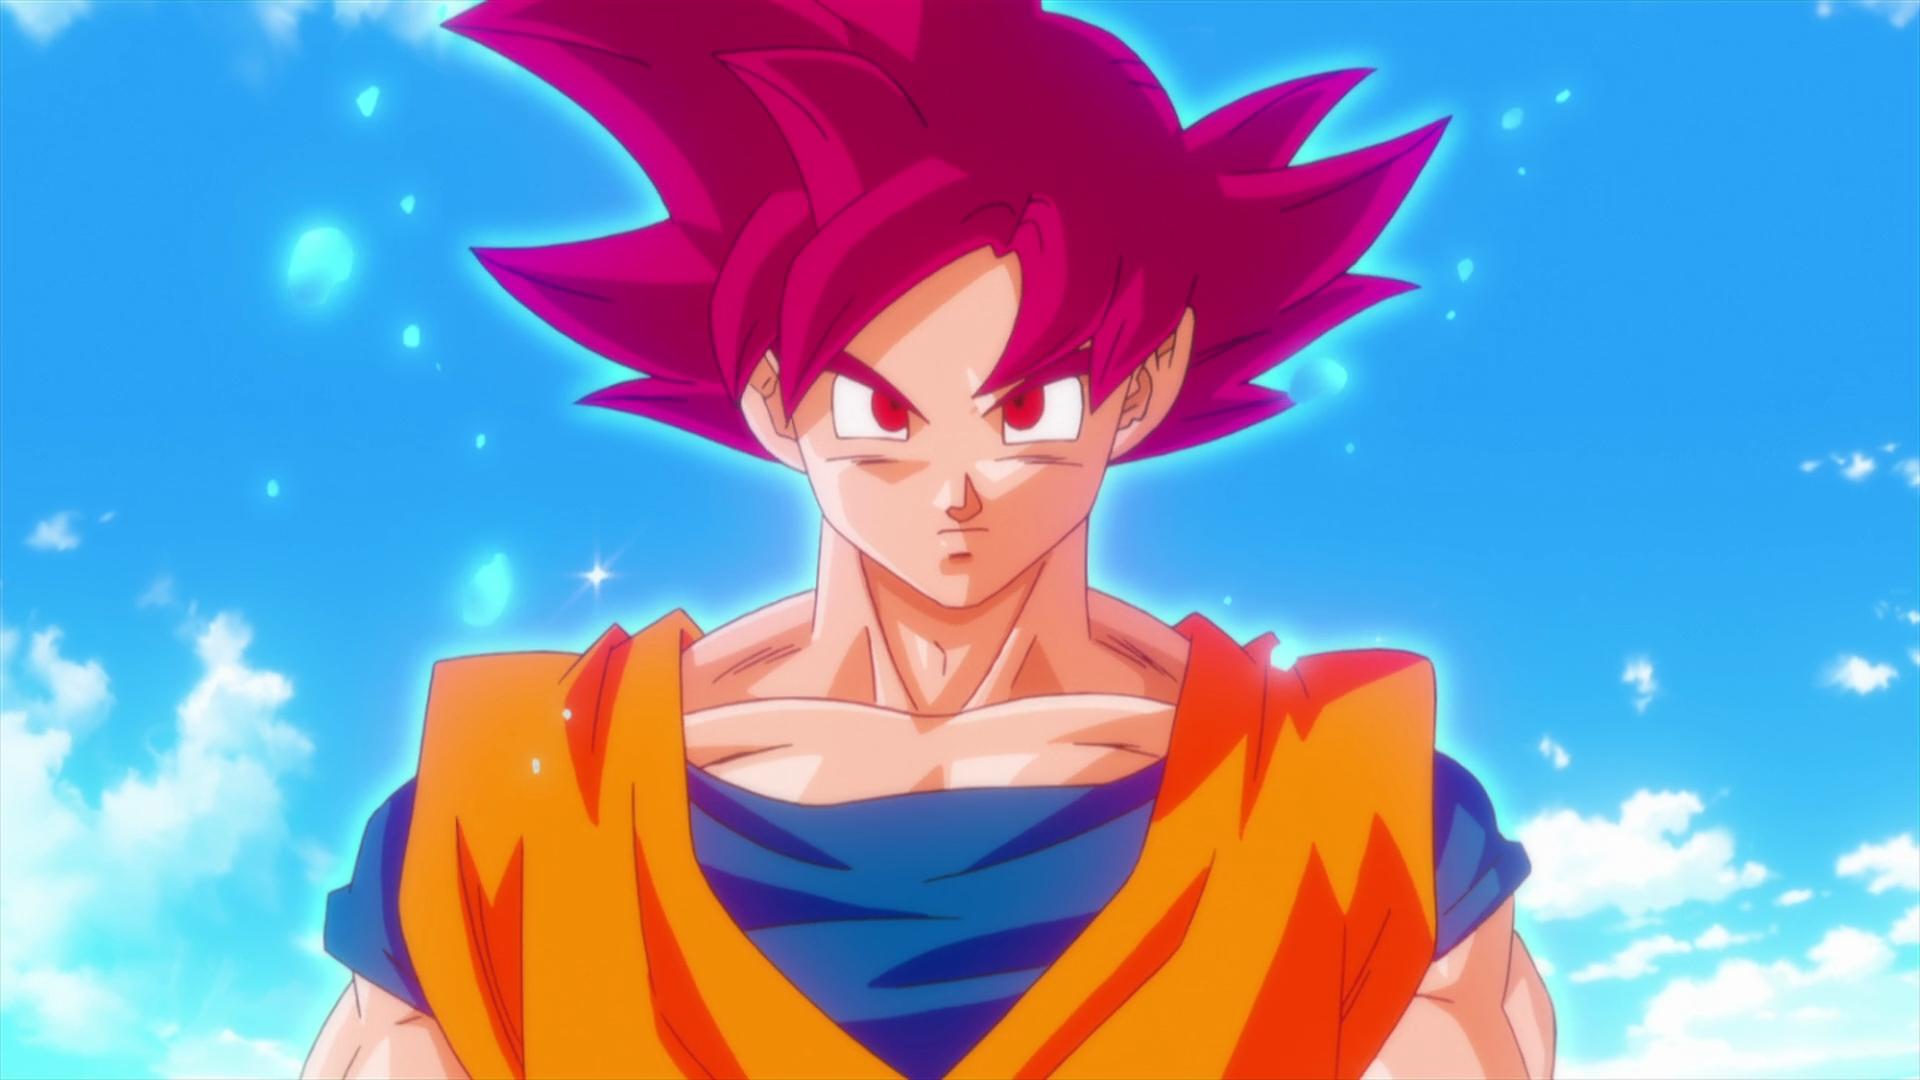 fond d'écran : illustration, anime, les yeux rouges, son goku